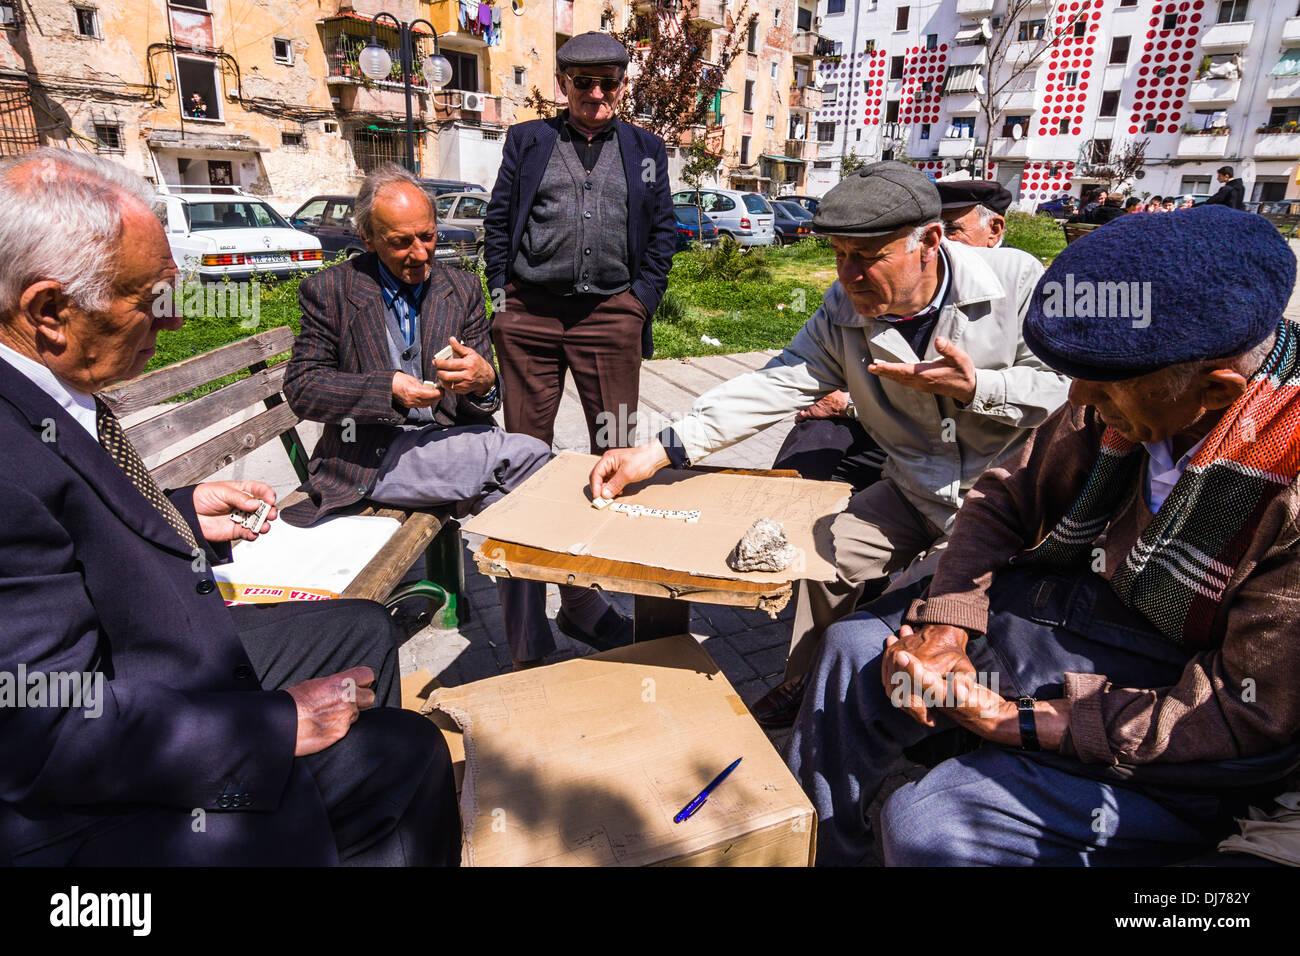 Gli uomini anziani gioca domino in strada. Tirana, Albania Immagini Stock